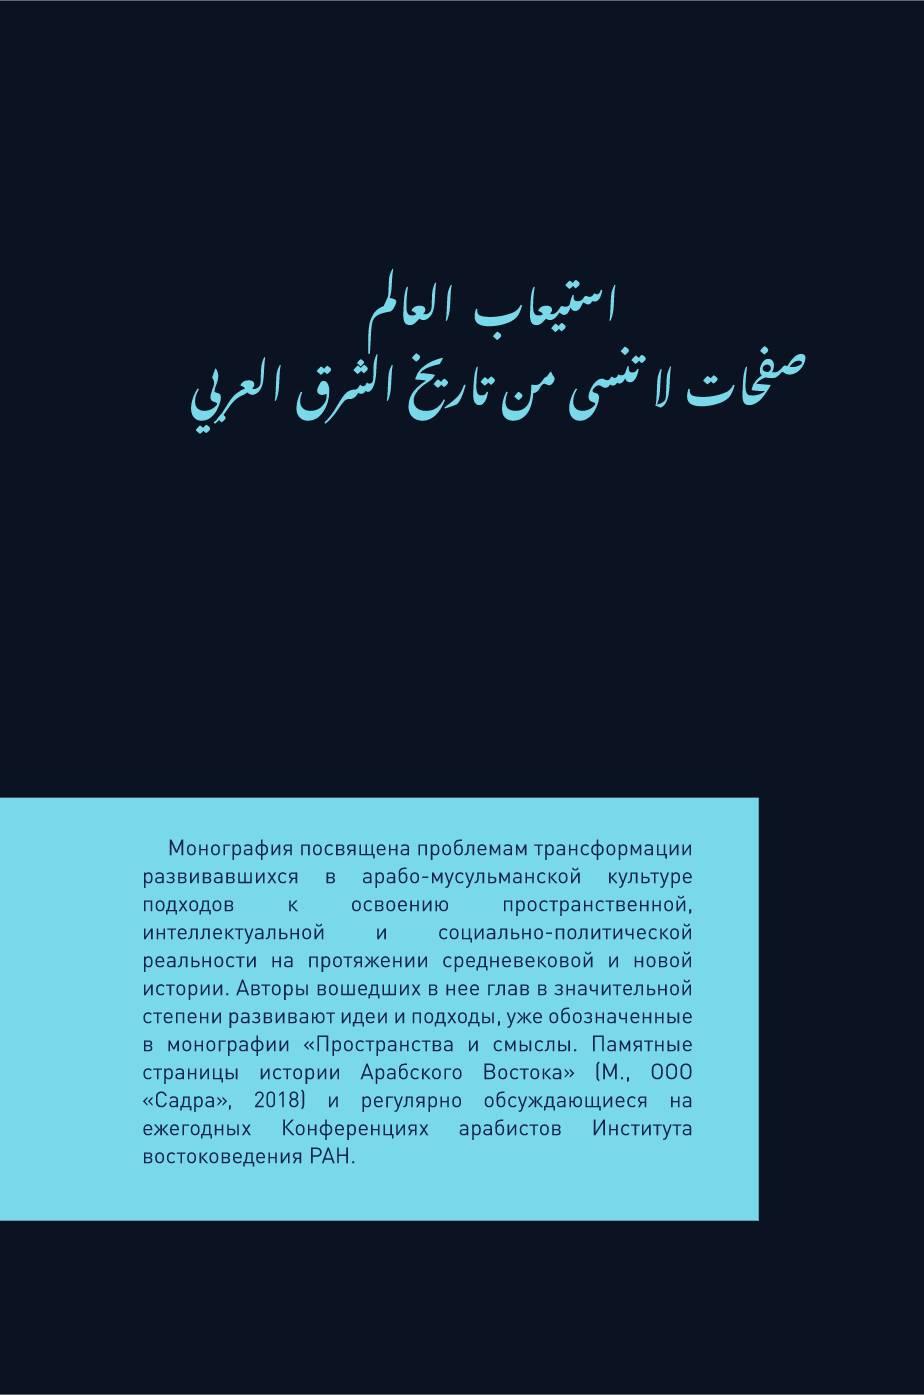 Освоение мира. Памятные страницы истории Арабского Востока